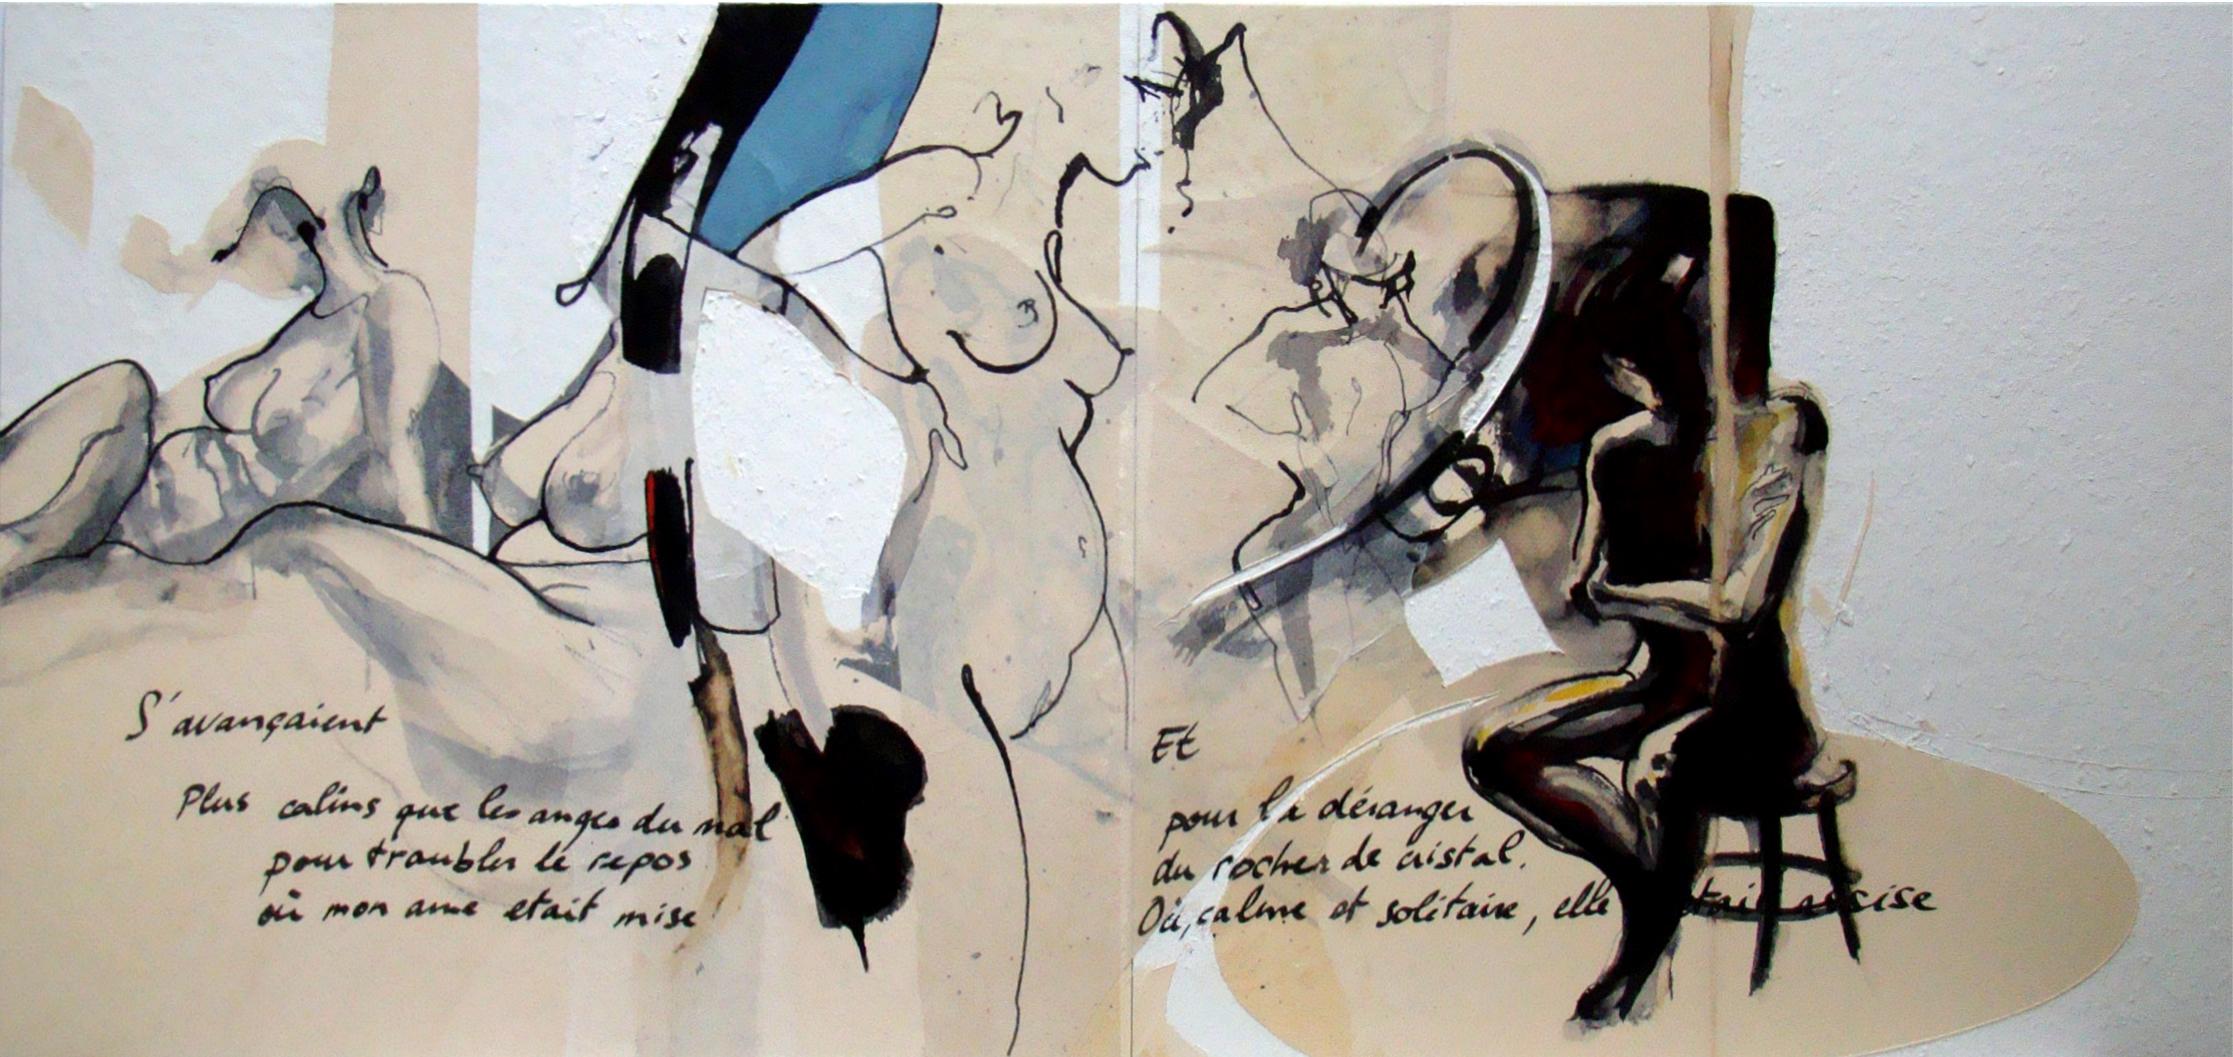 Les Bijoux (Baudelaire)